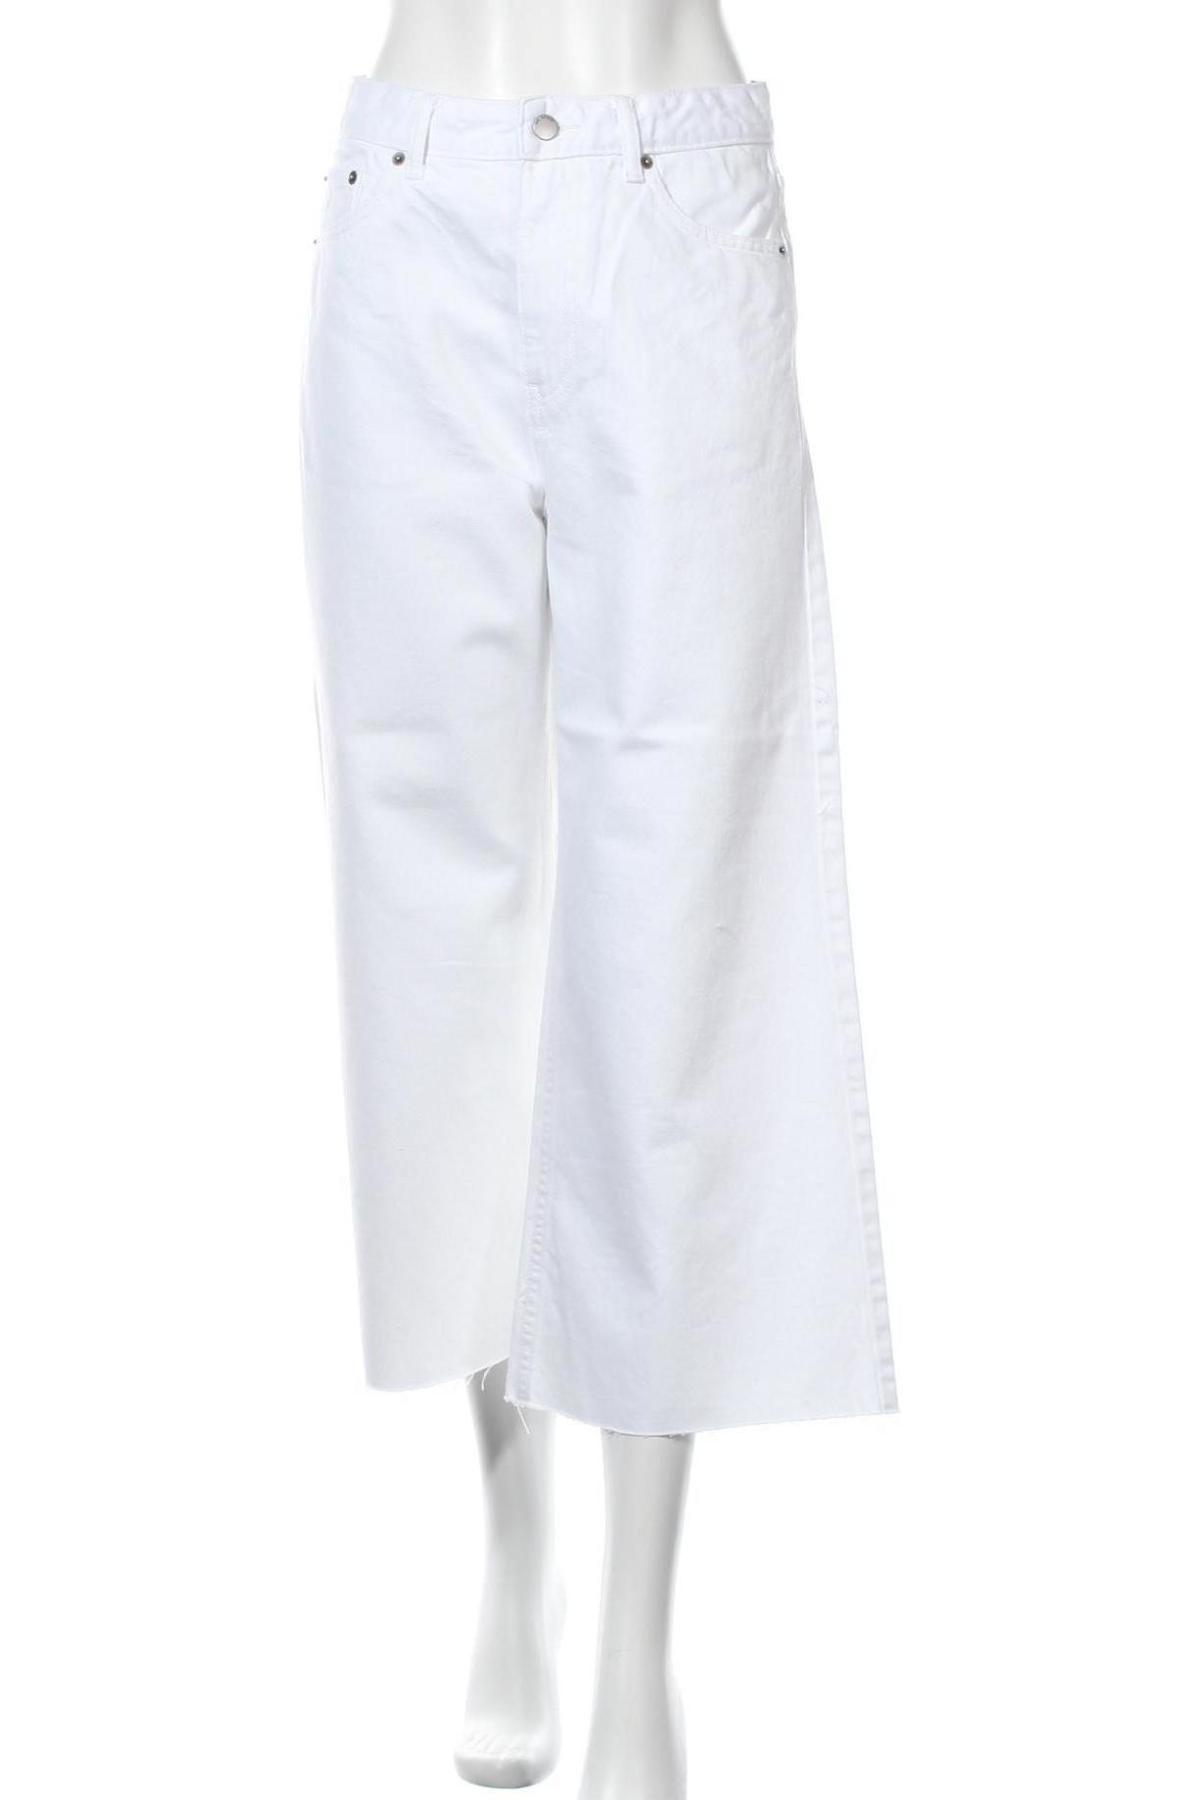 Γυναικείο Τζίν Dr. Denim, Μέγεθος S, Χρώμα Λευκό, Βαμβάκι, Τιμή 18,14€